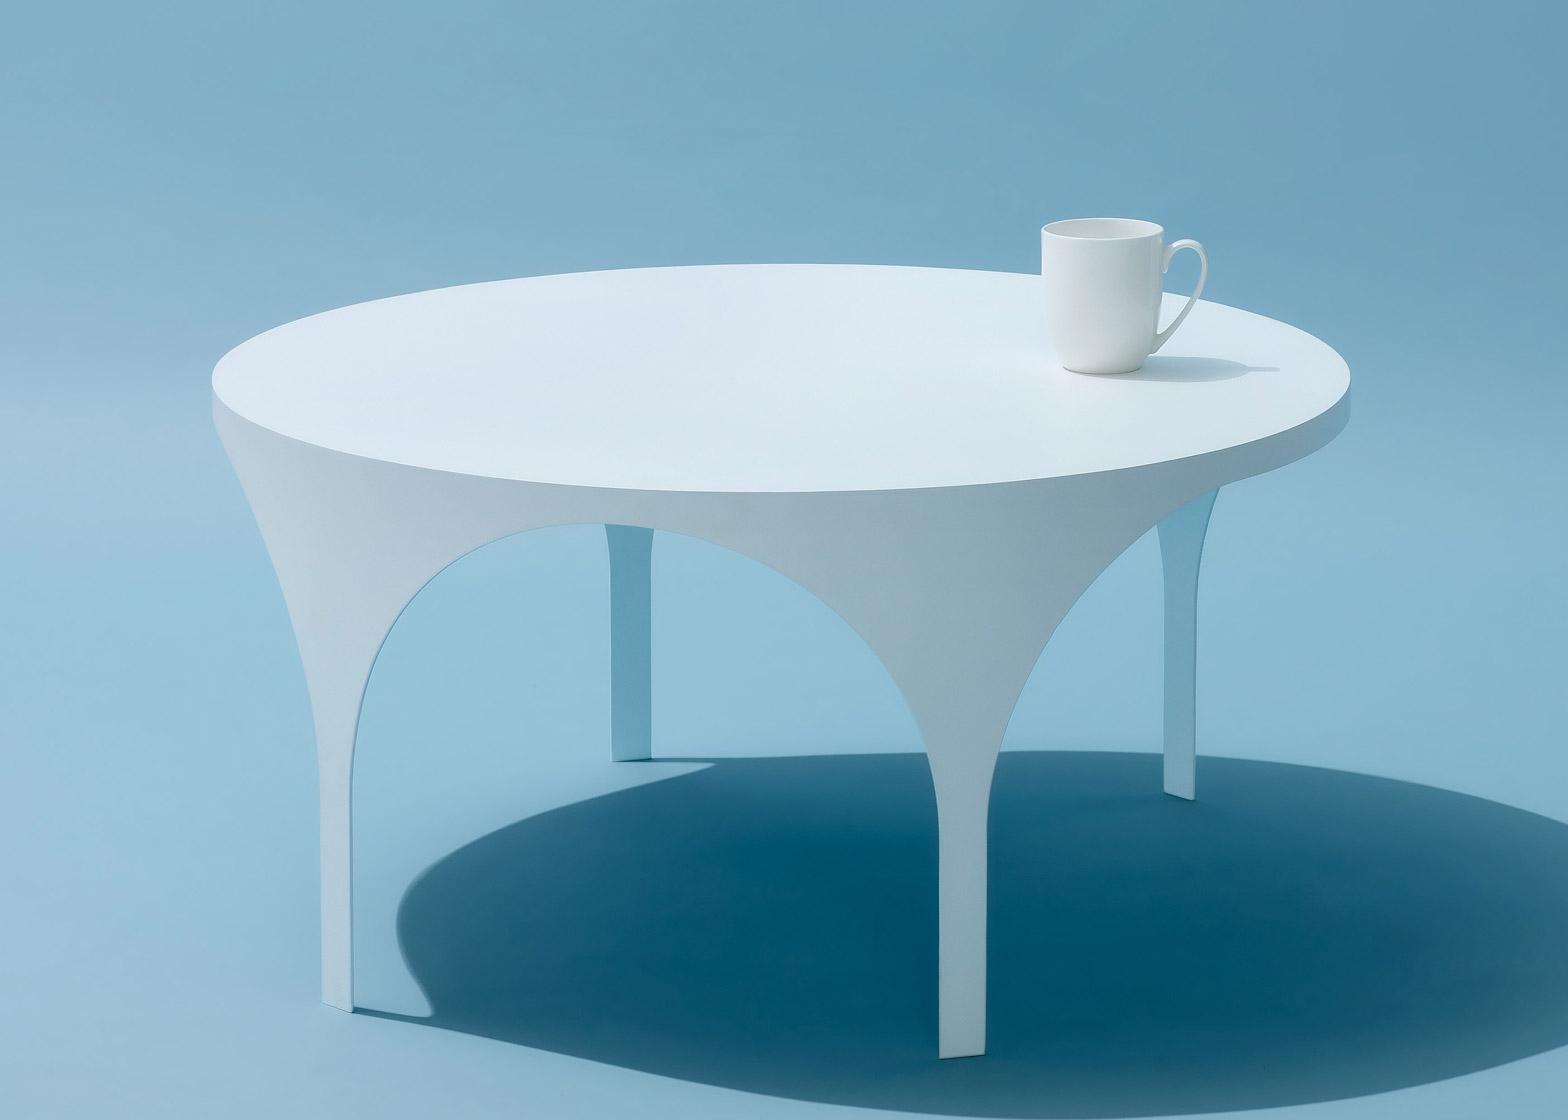 Кофейный стол с арками в белом цвете - Фото 1